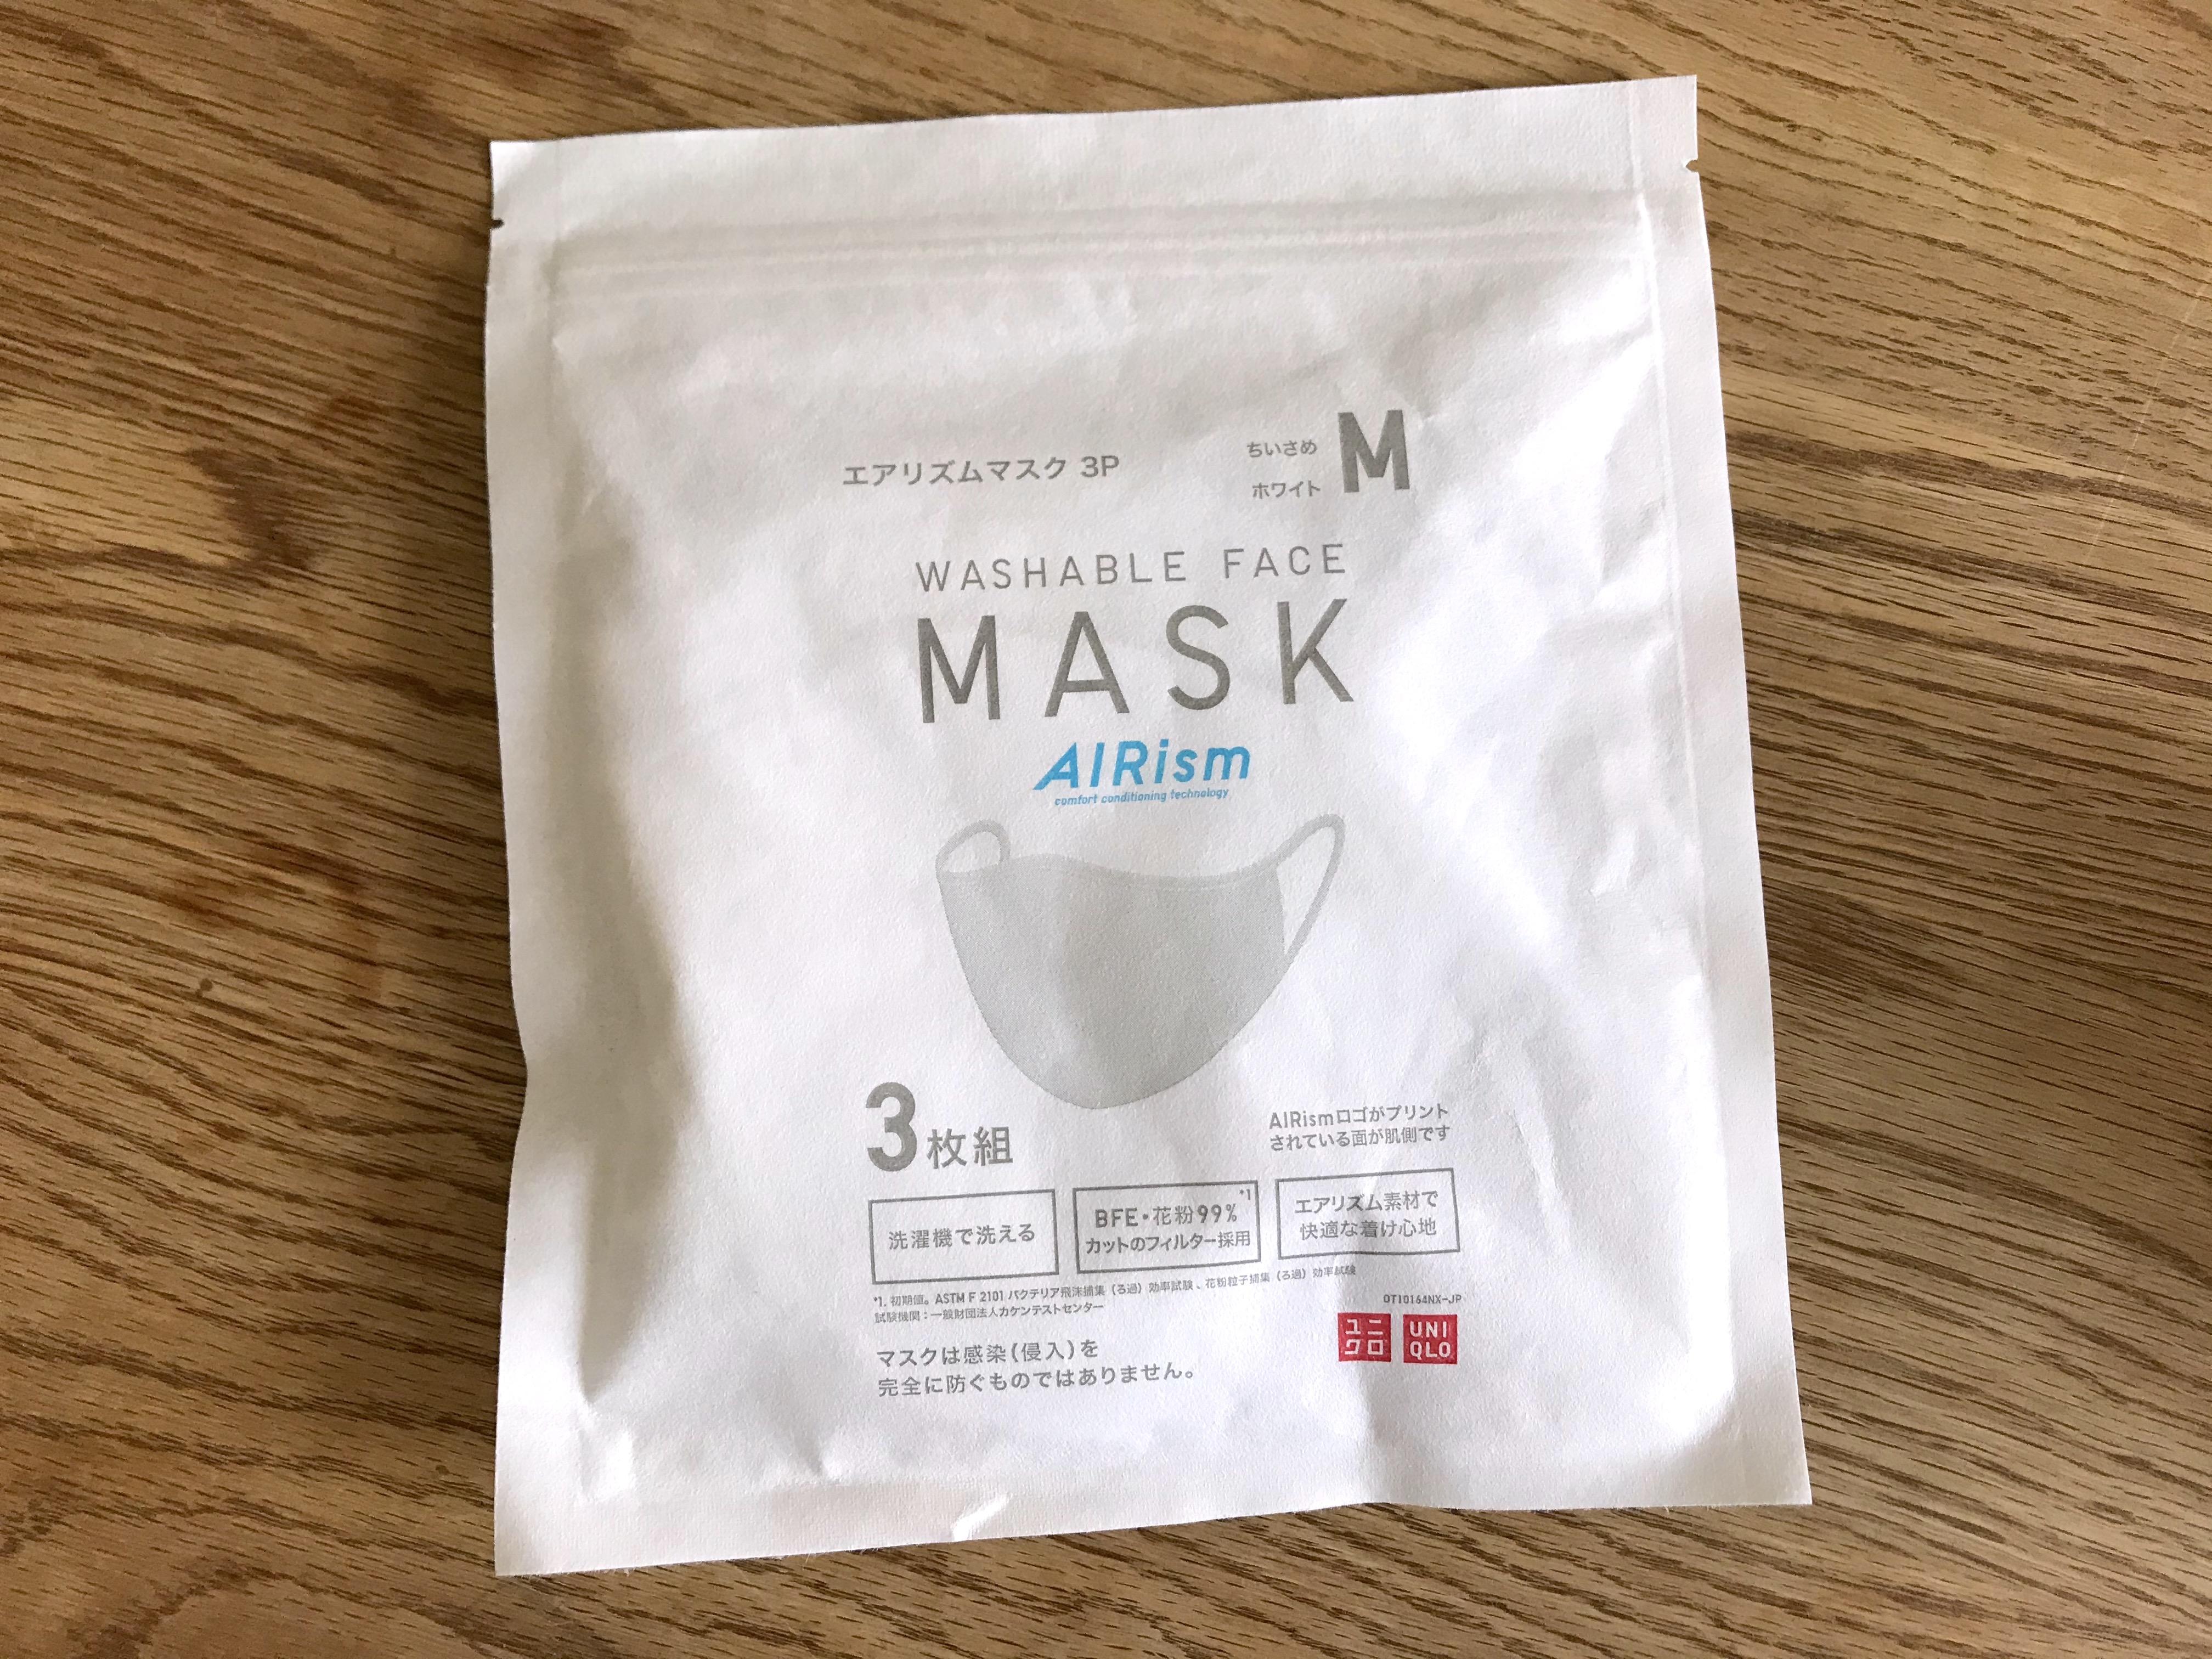 用 ユニクロ マスク 夏 【ユニクロ(UNIQLO)エアリズムマスクがアップデート】改良版の新型着用レビュー&旧型と徹底比較、カラバリでグレーも登場!|@BAILA